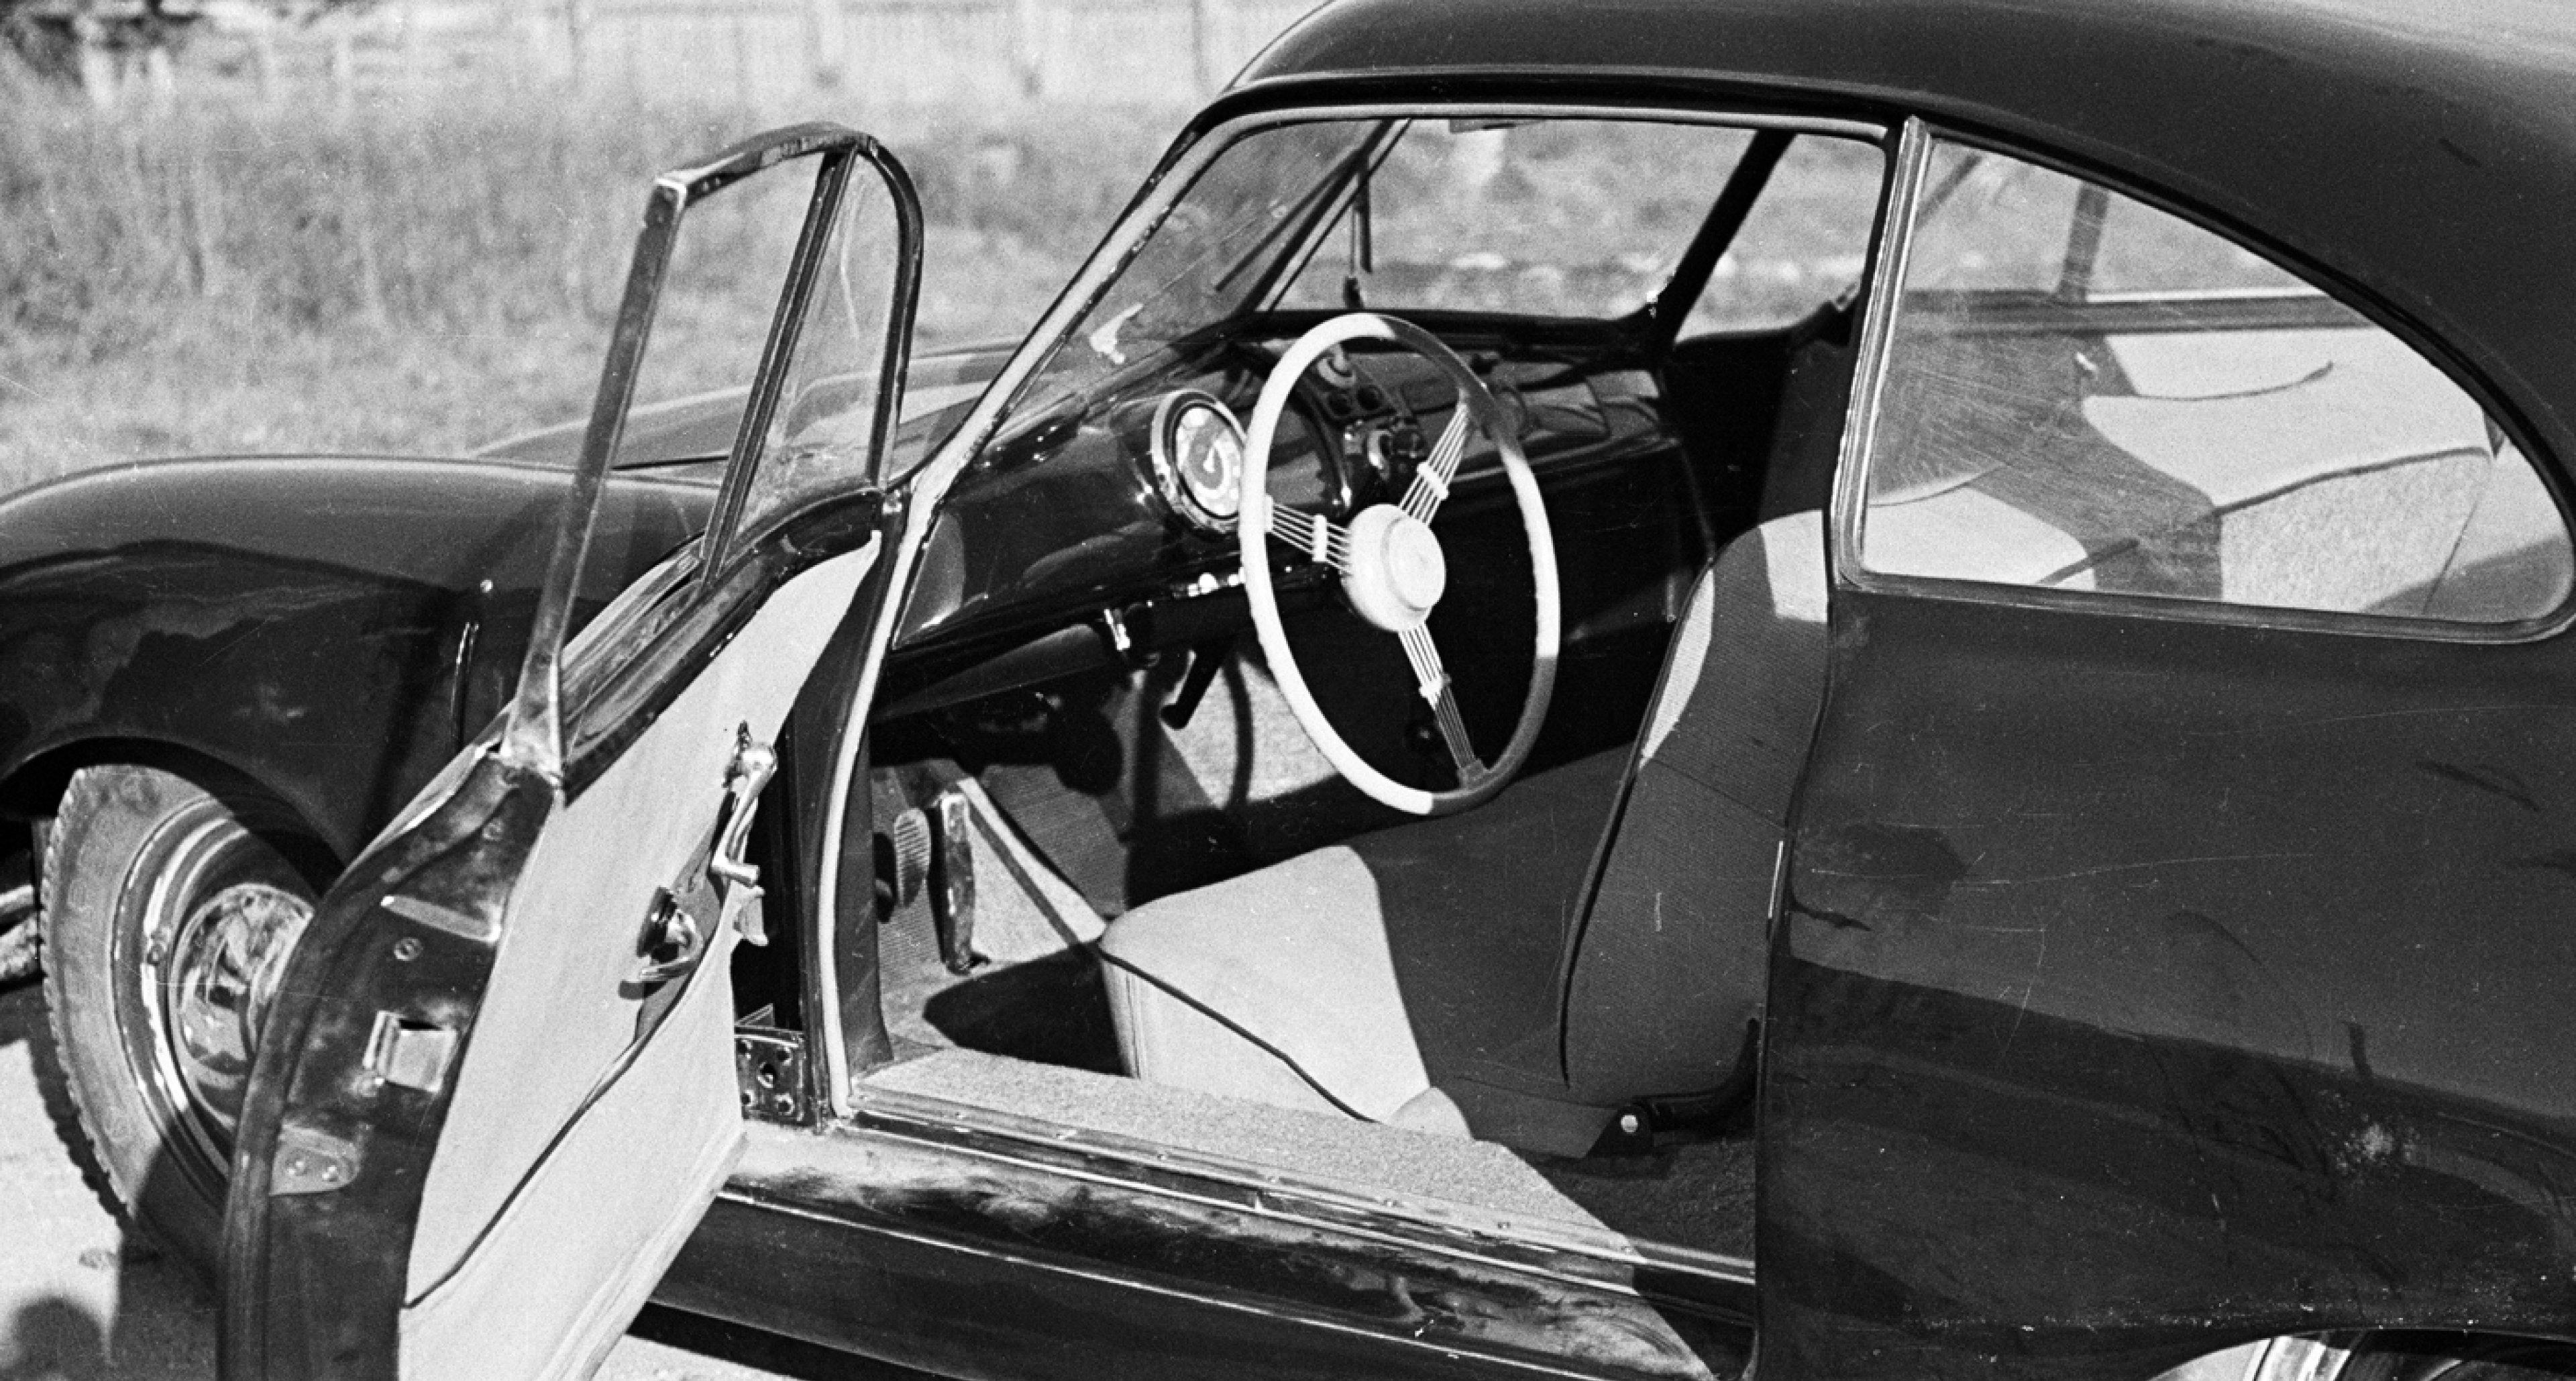 Porsche 356/2 Porsche Gmünd Coupé on the company's austrian premises in 1948.